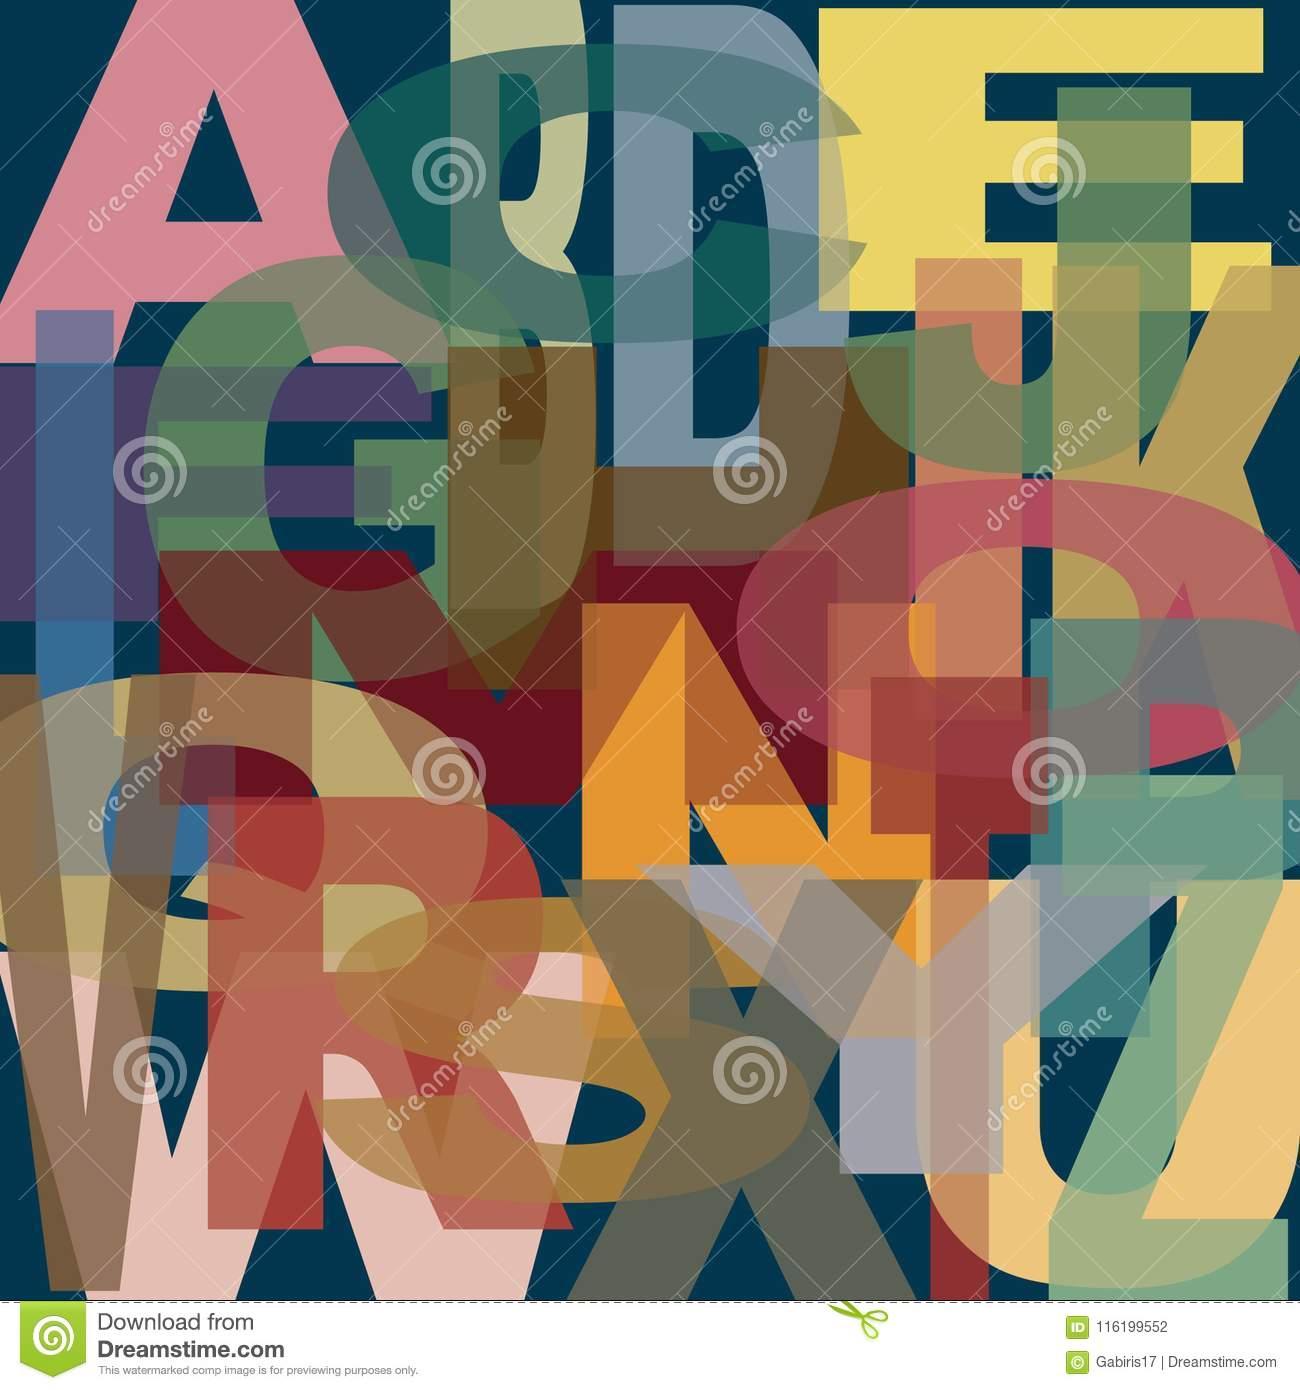 Majuscules De L'alphabet Recouvrant, Dans Le Modèle avec Modele Alphabet Majuscule